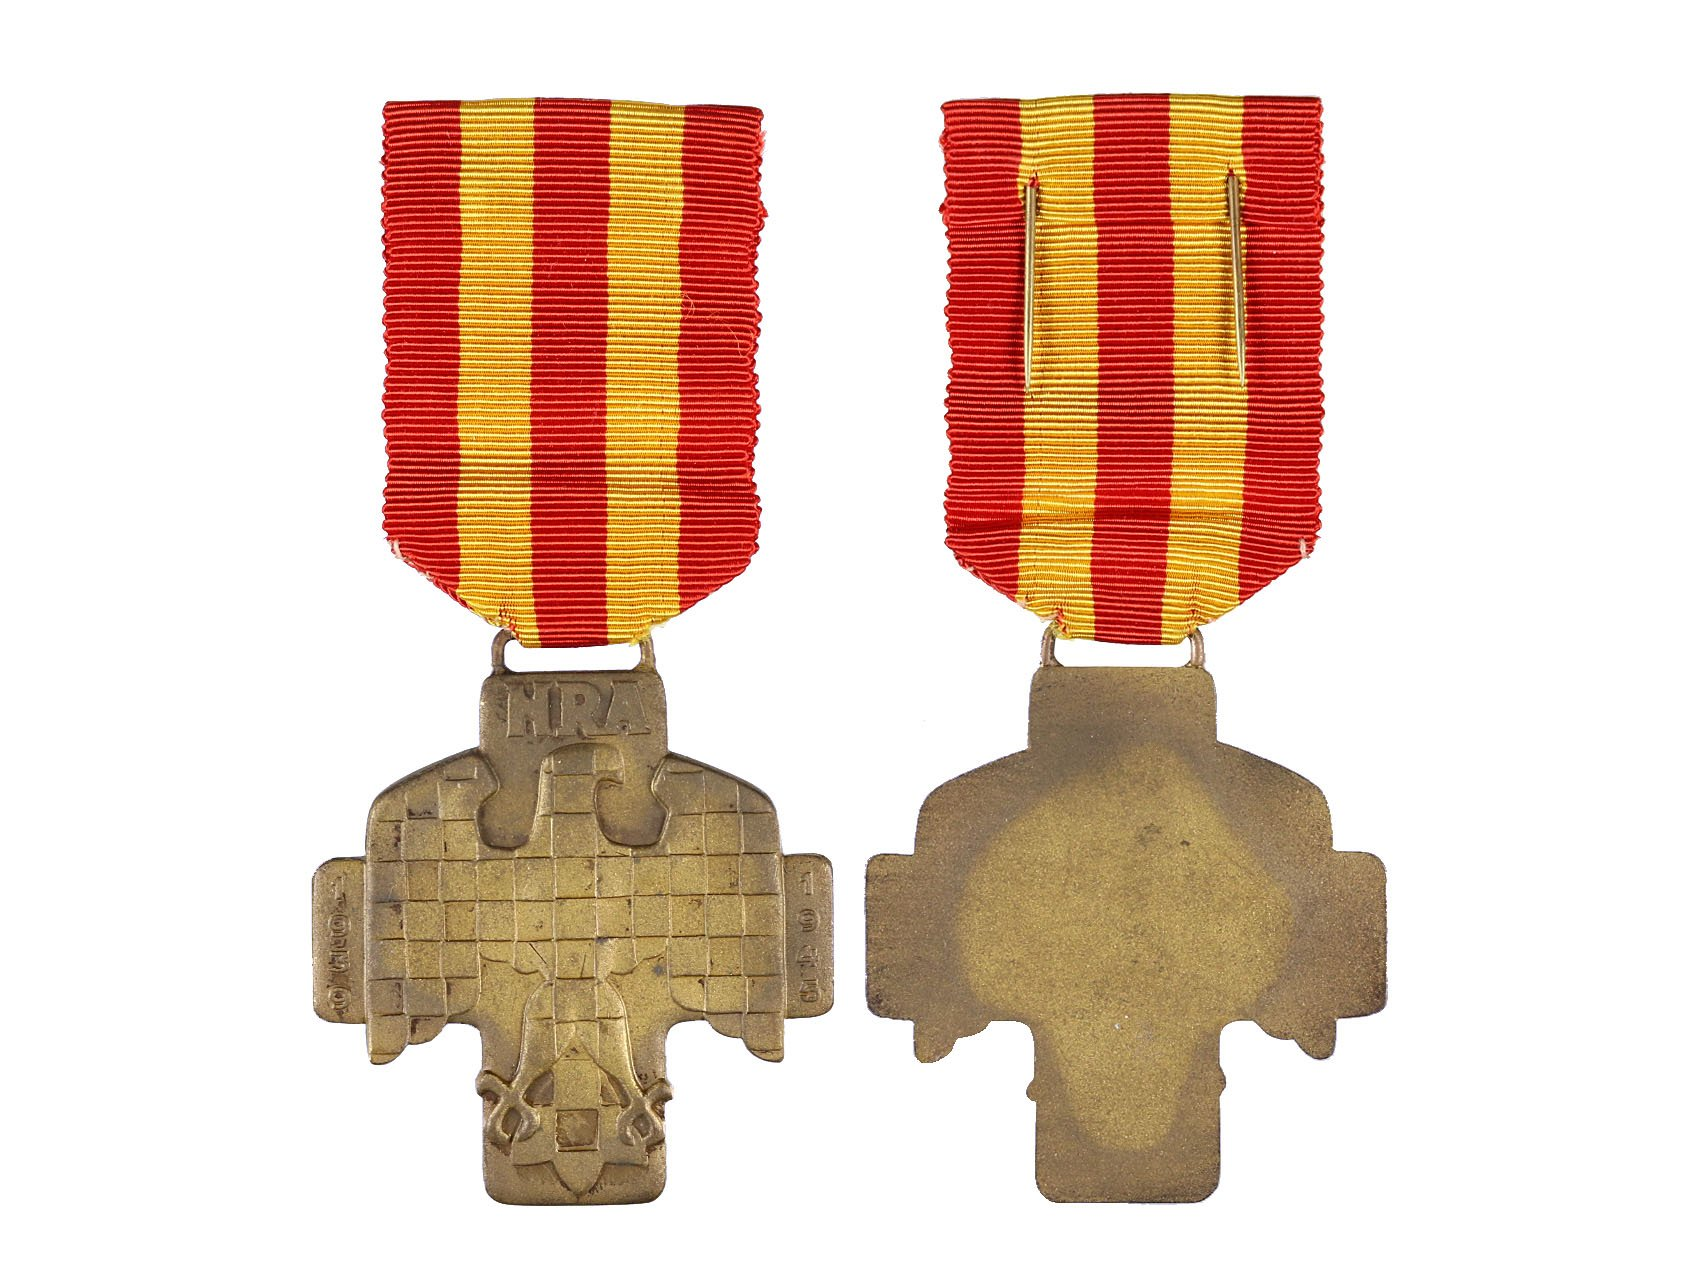 Pamětní medaile Národní revoluční armády Brno, VM 182